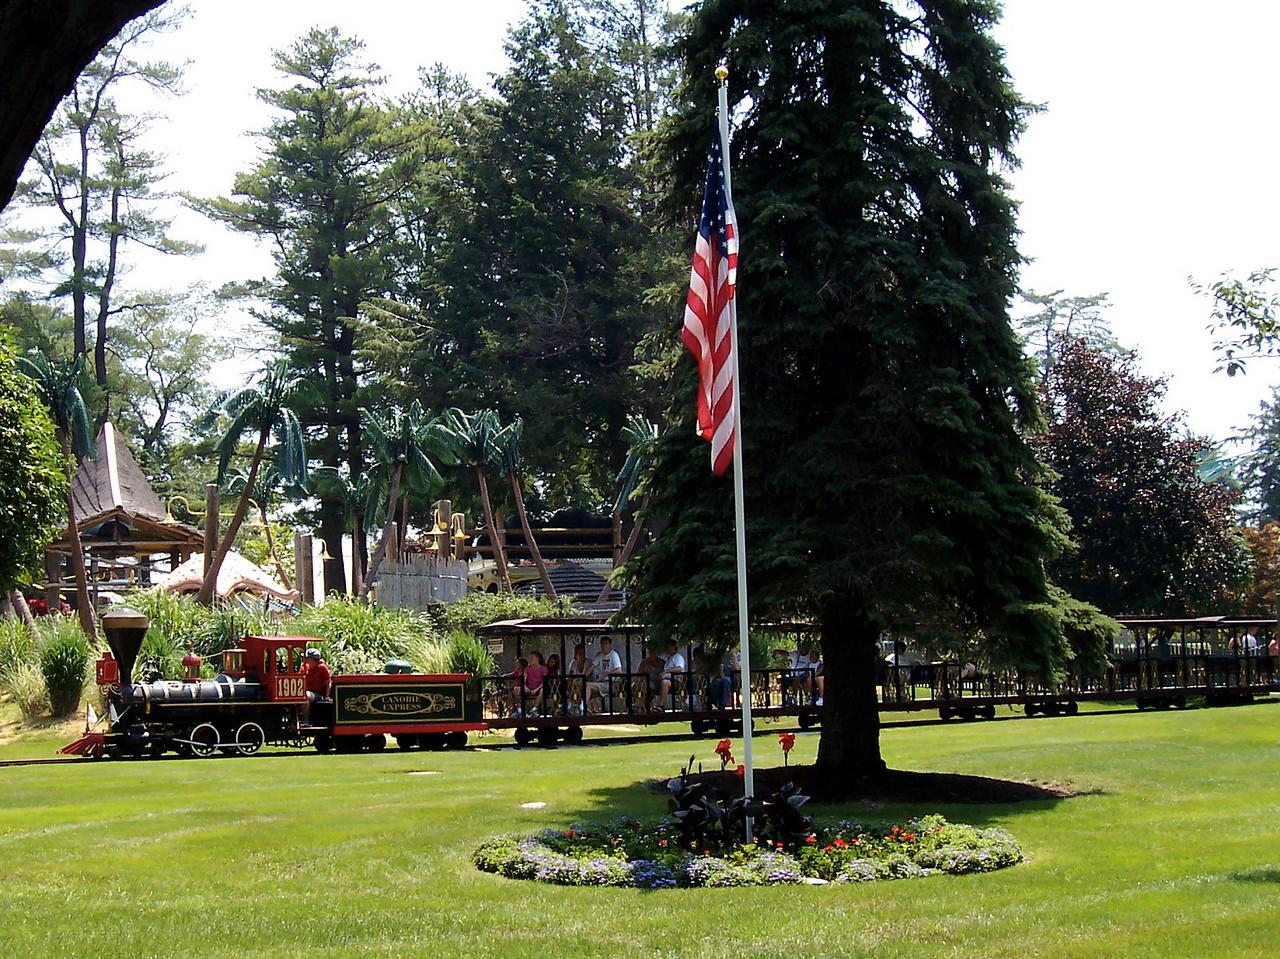 The Canobie Express train.